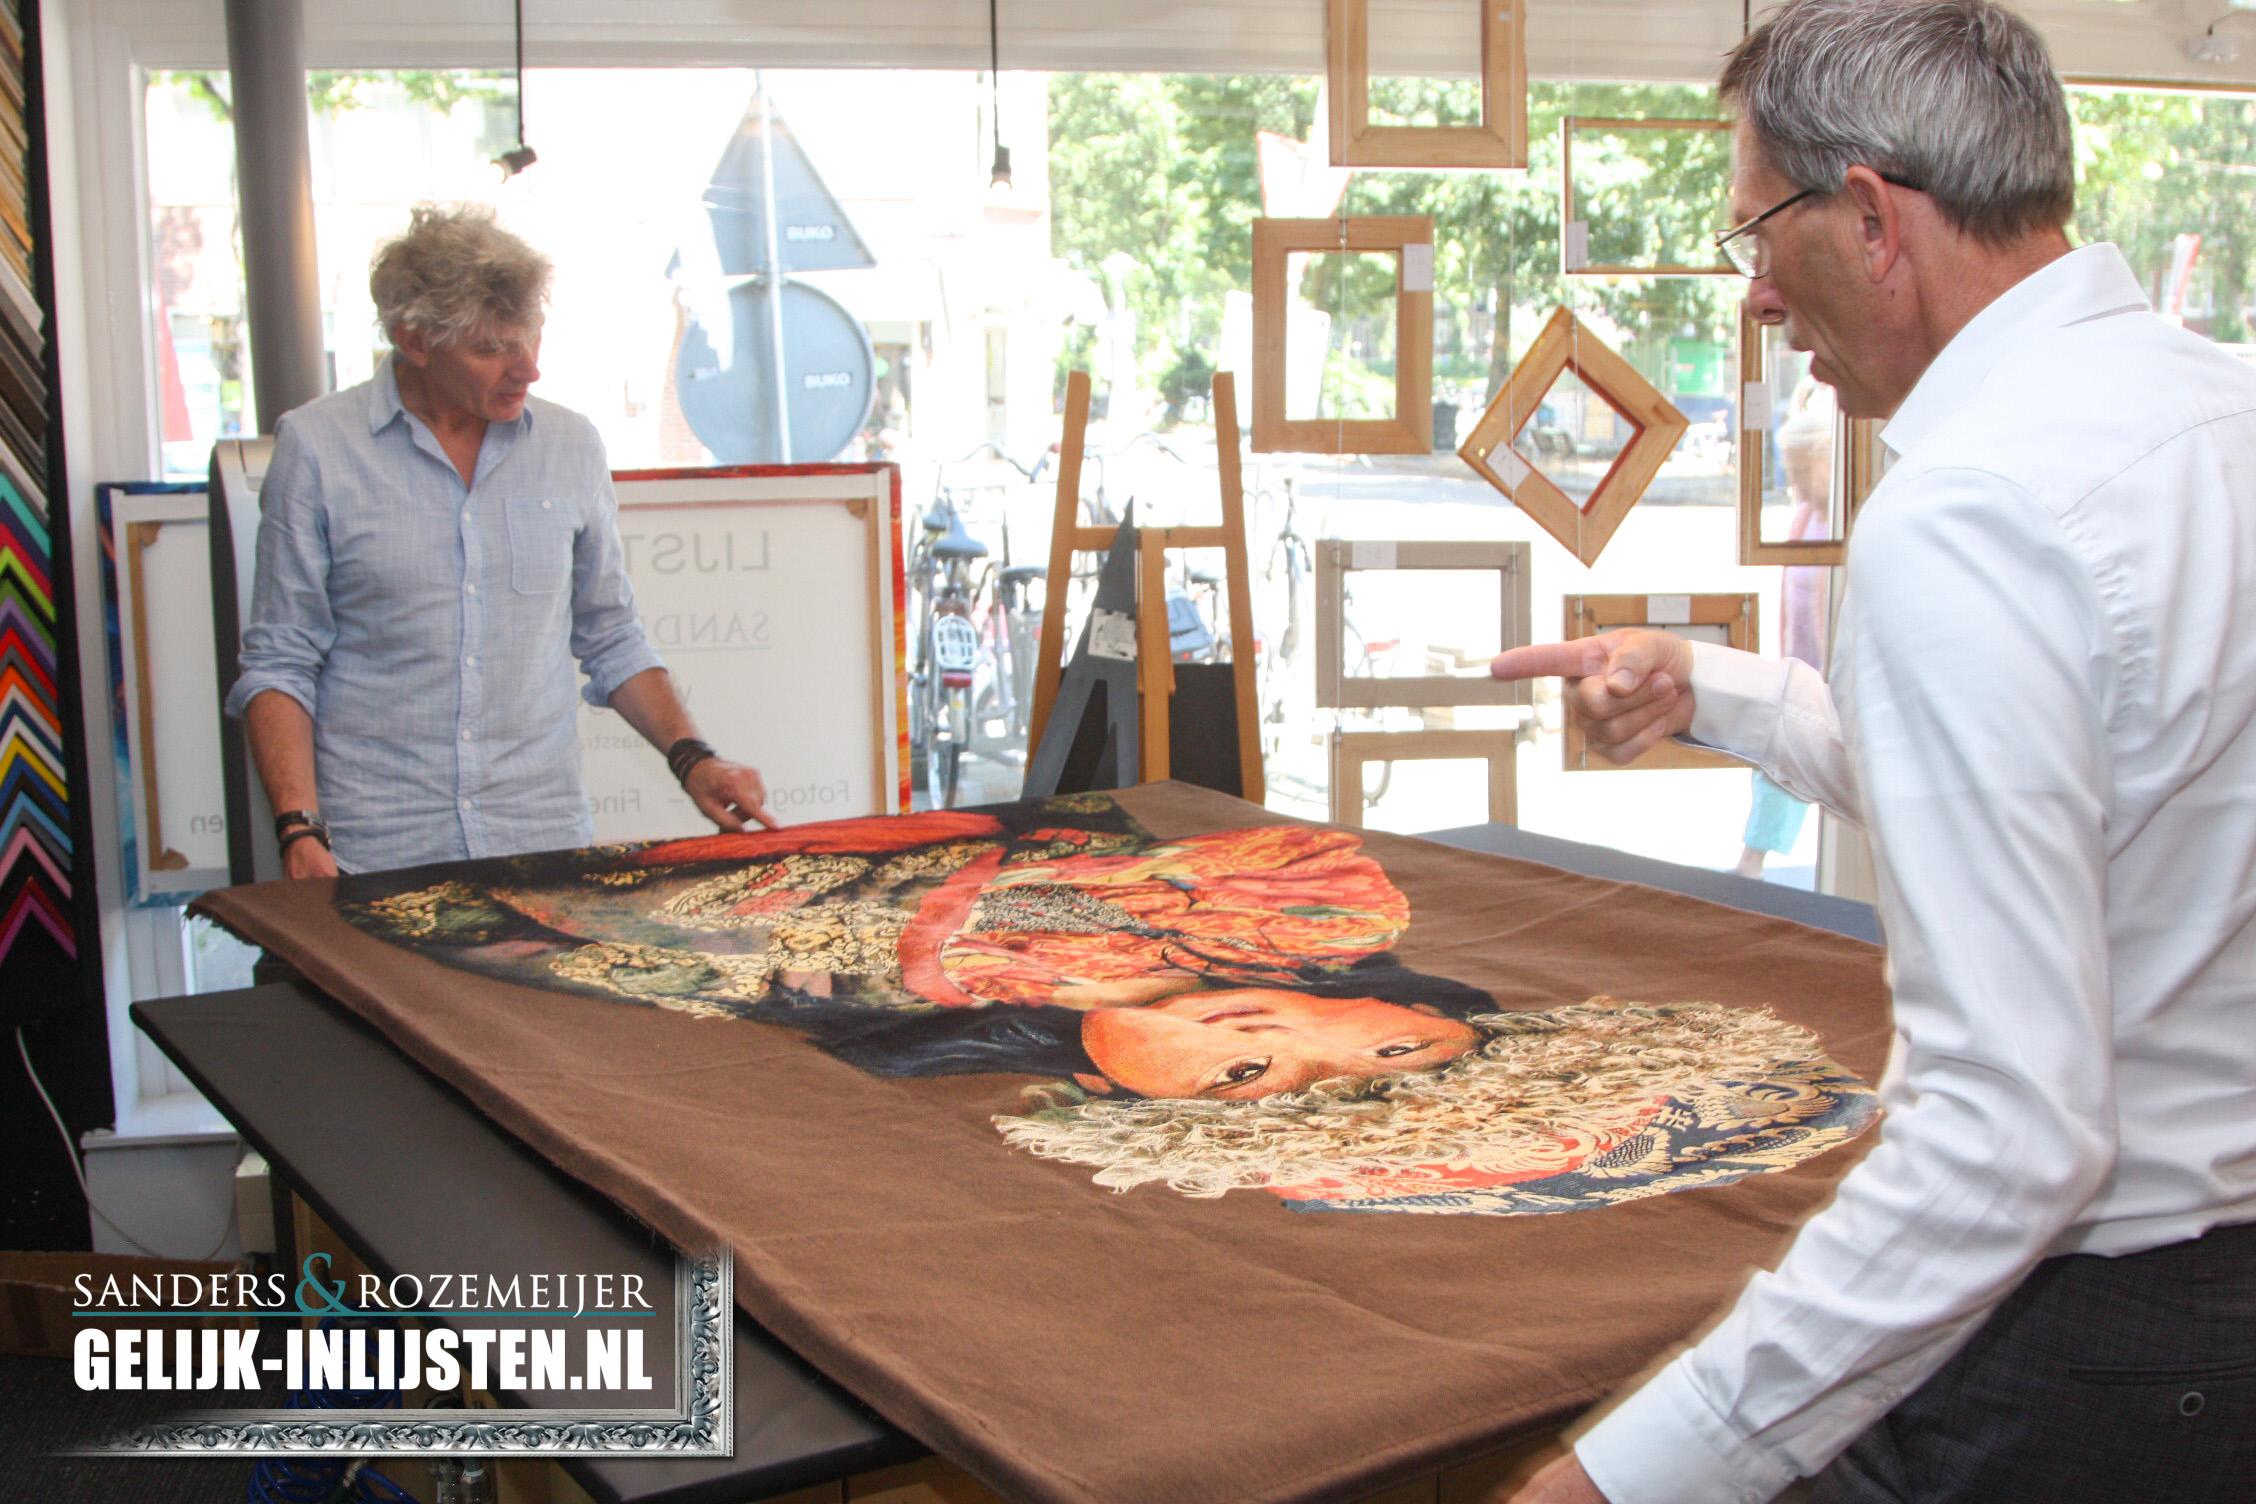 Groot doek opspannen Lijstenmakerij Amsterdam